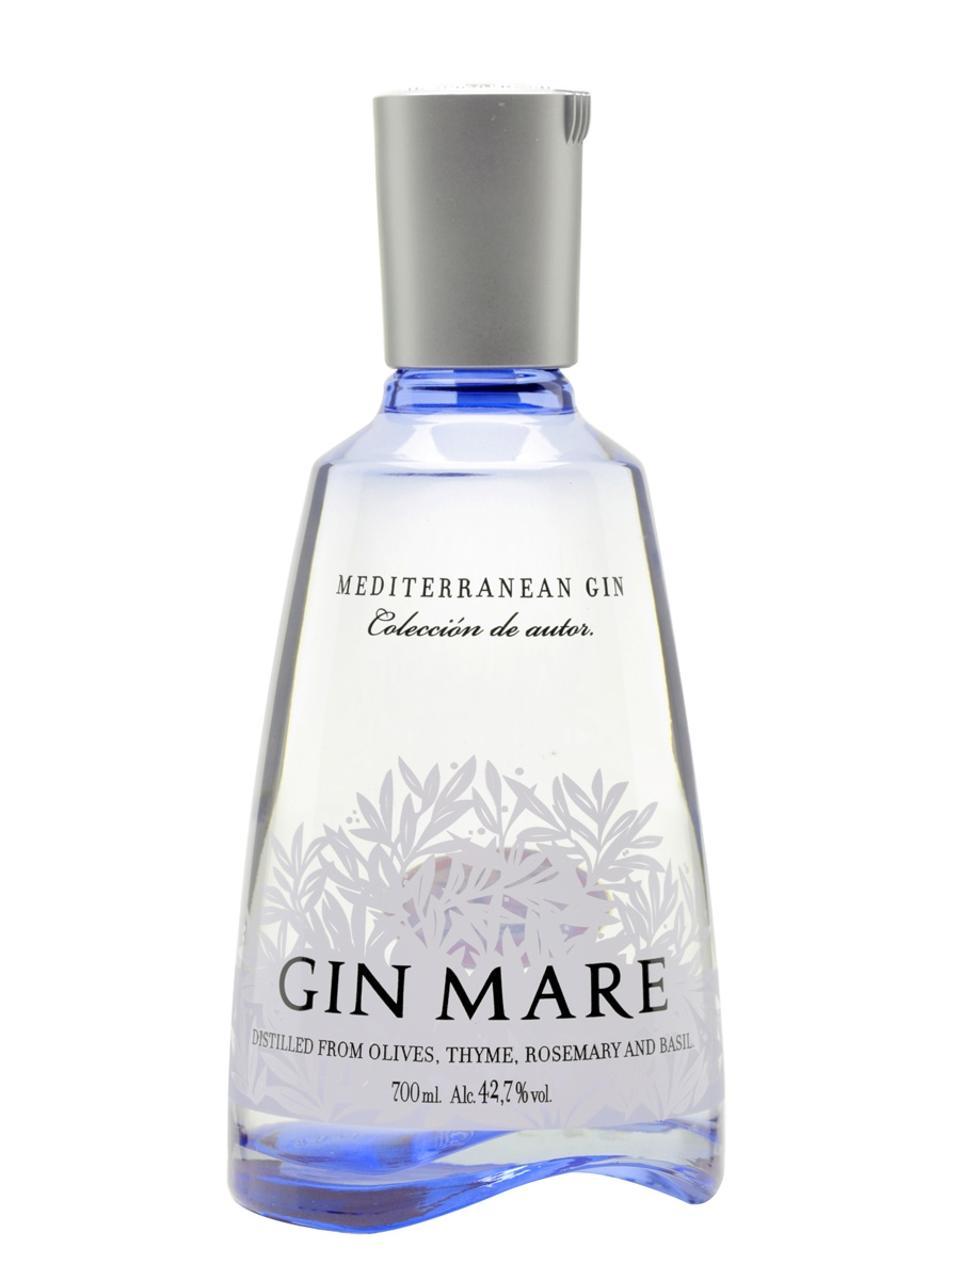 Gin Mare Mediterranean Dry Gin